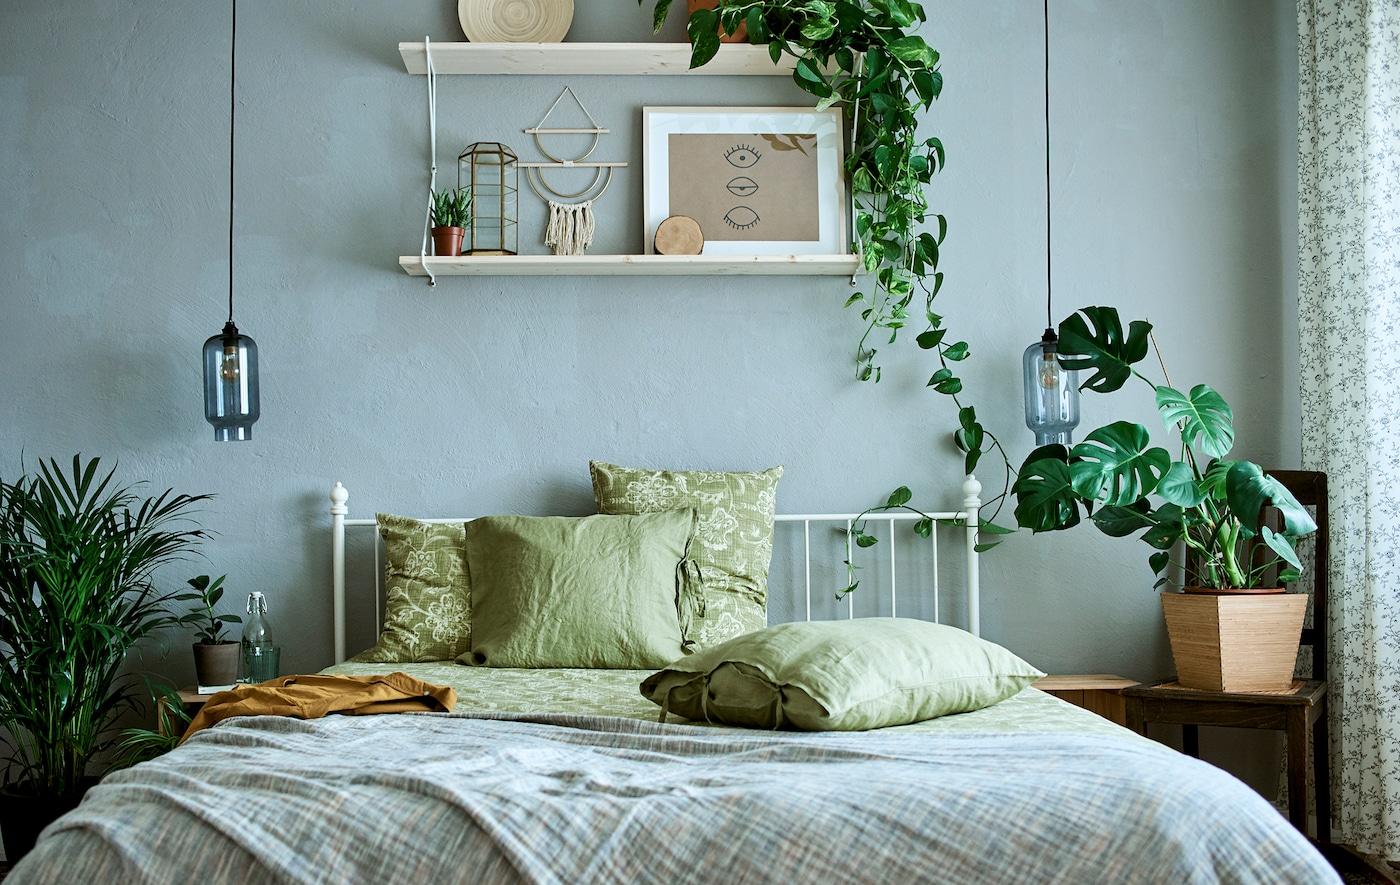 Hvidt sengestel af stål med ensfarvet og mønstret grønt sengetøj i et rum med planter og kunst.